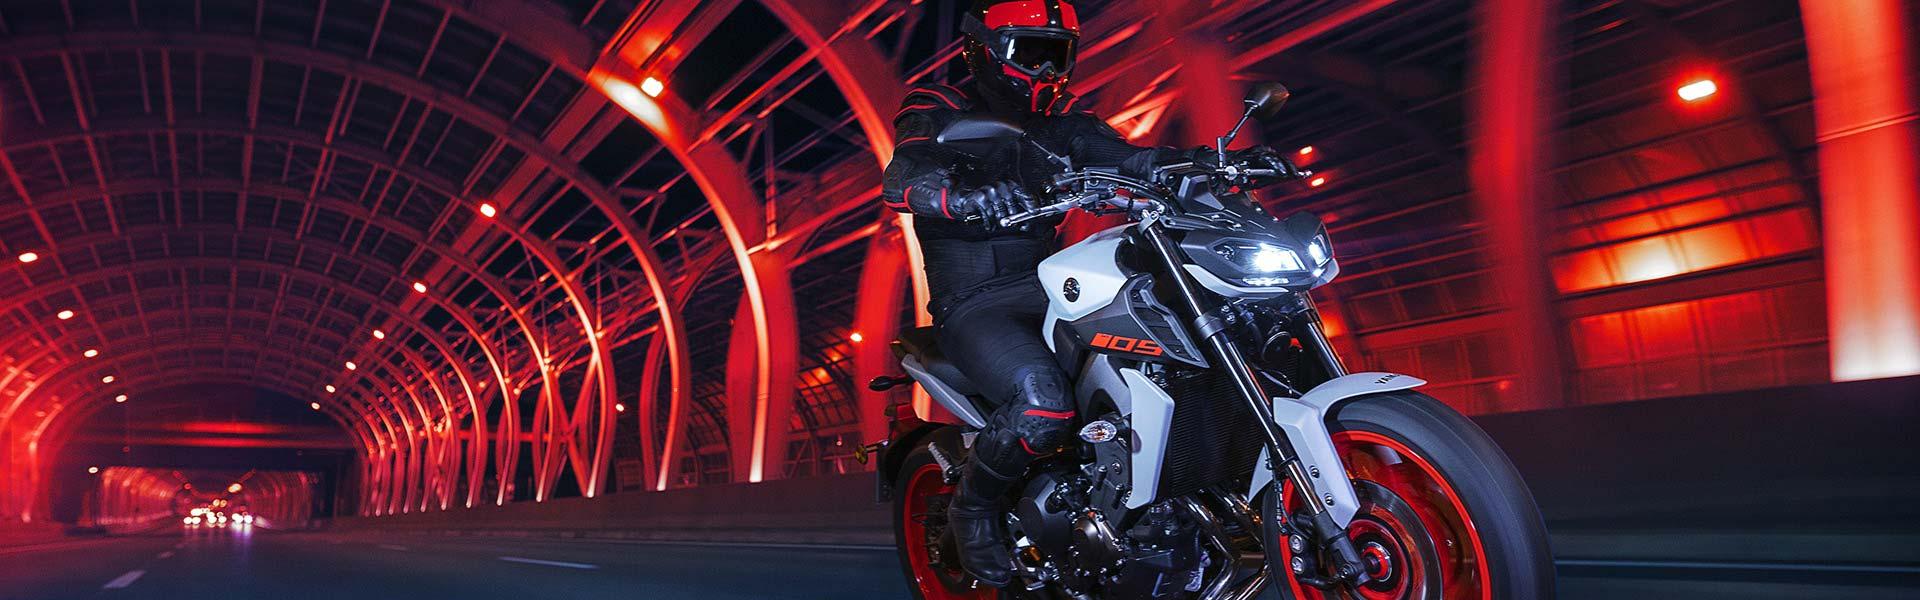 Yamaha Road Motorcycles Kempsey